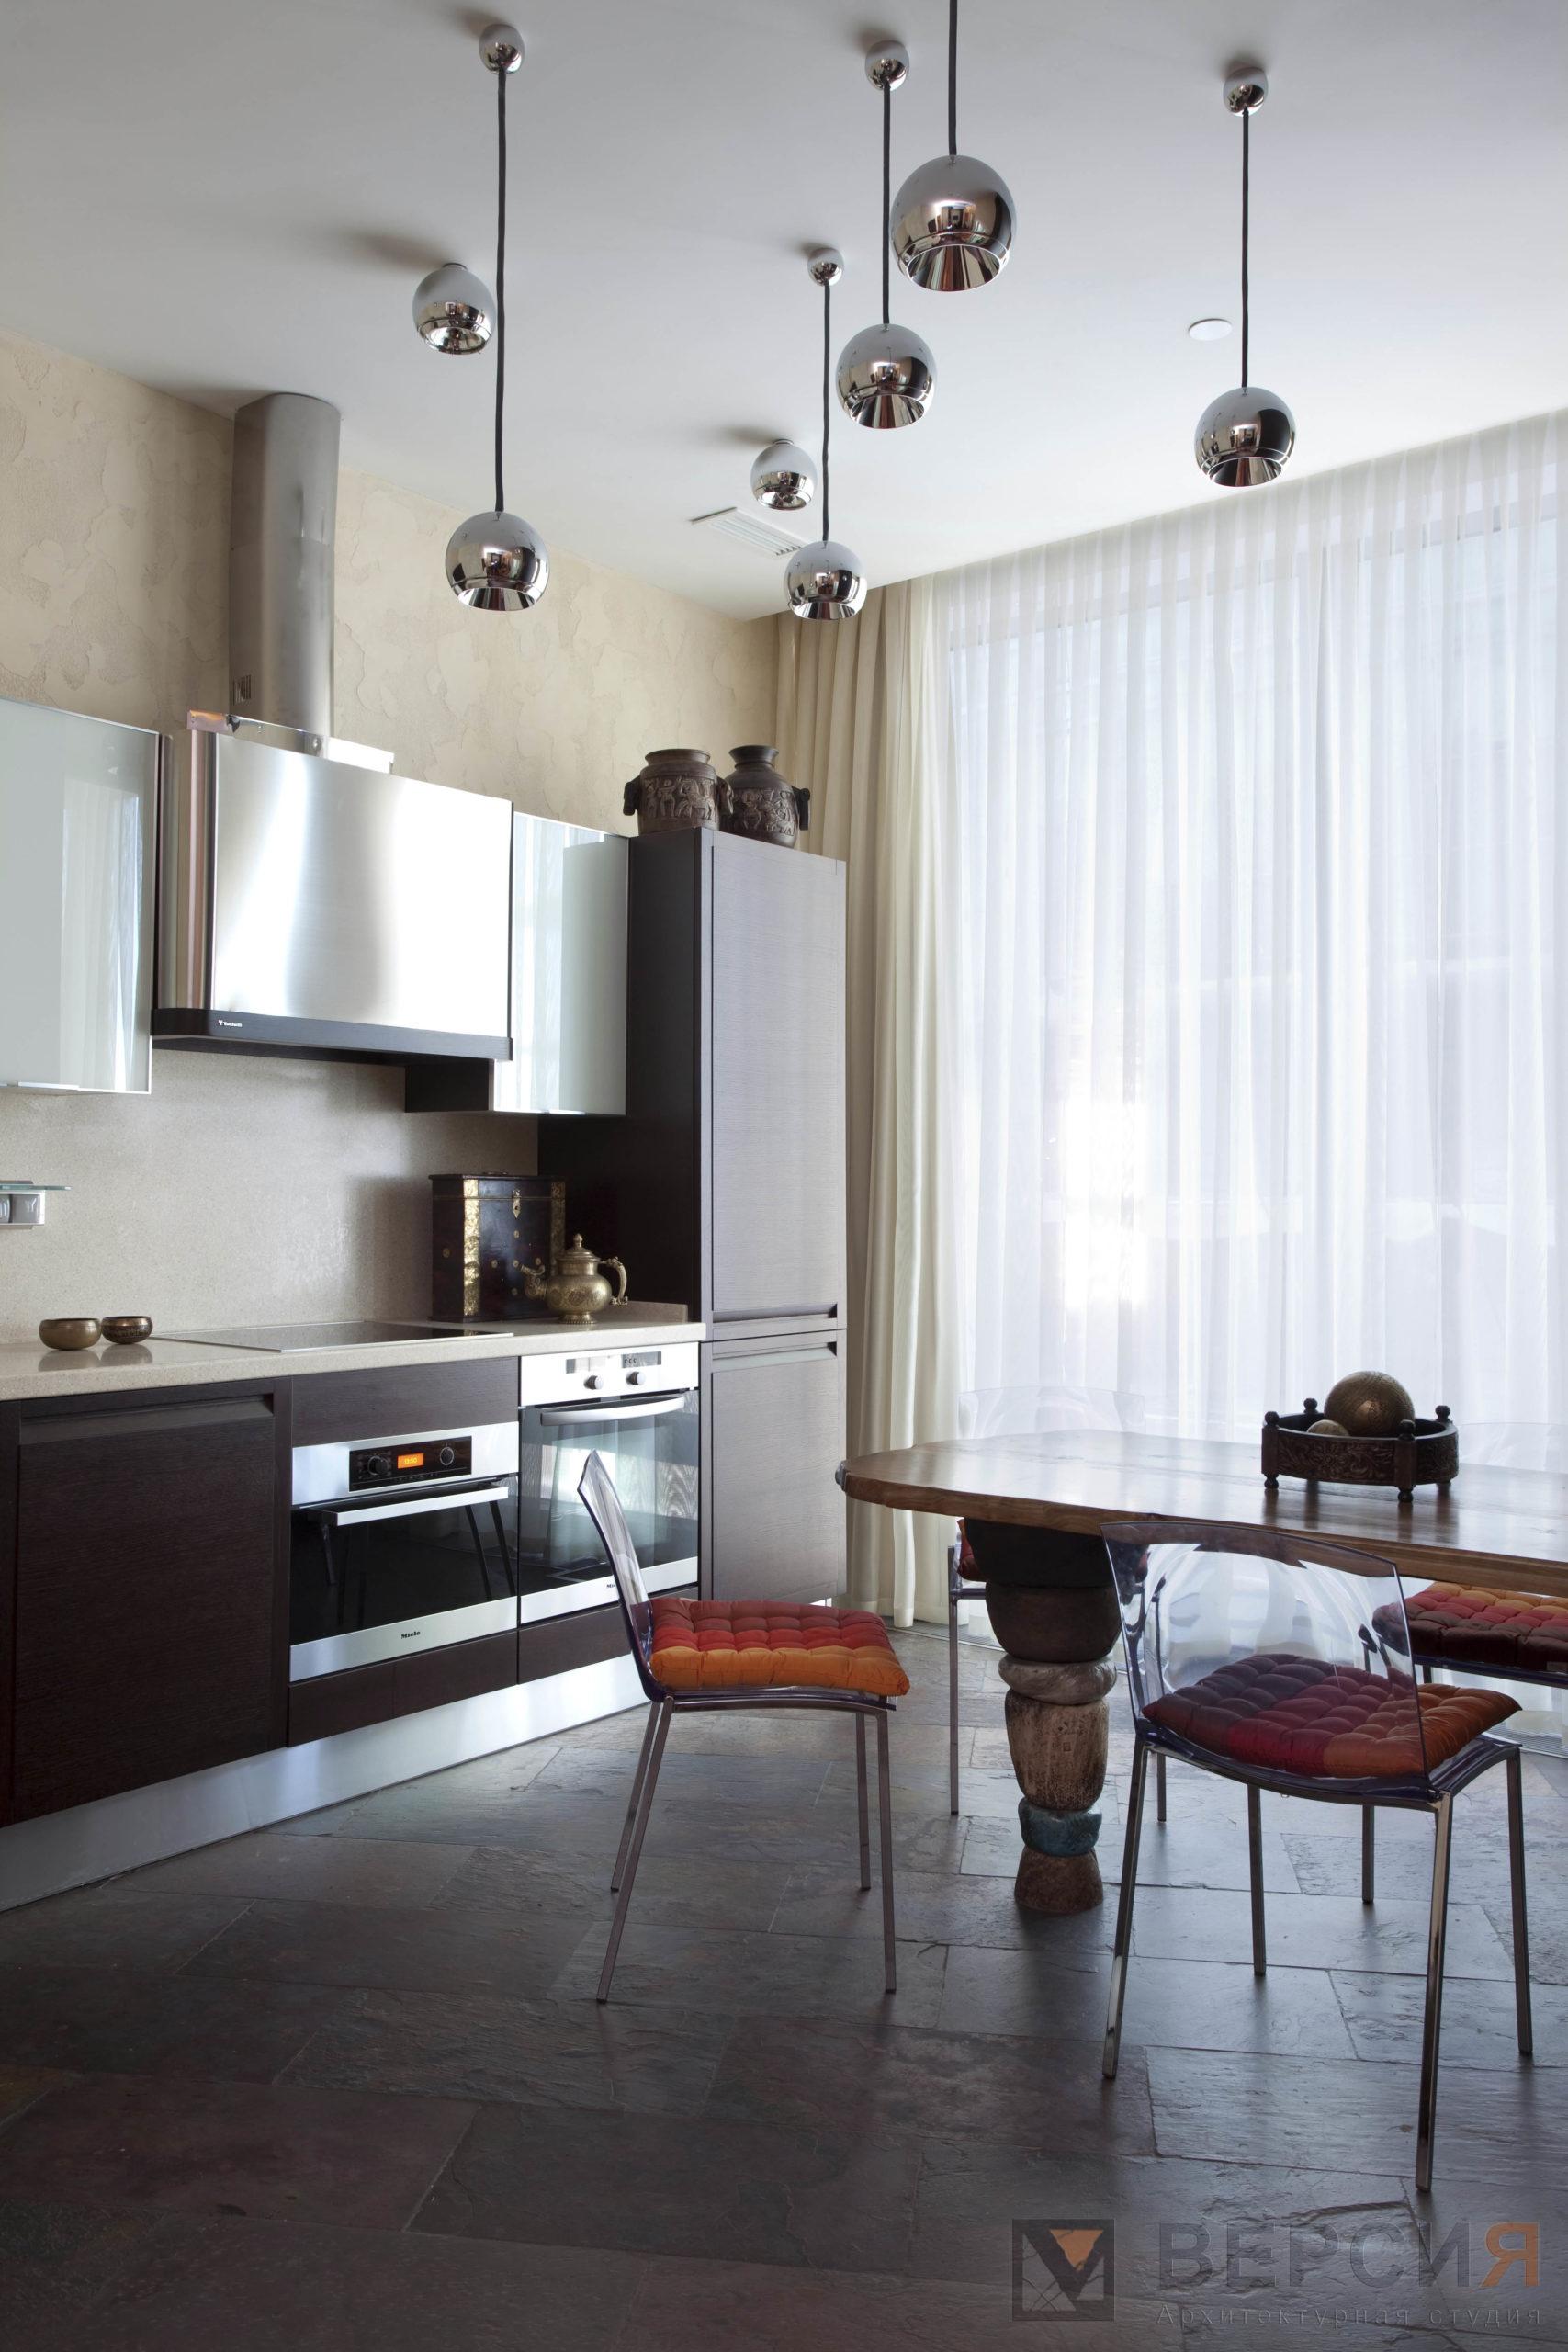 кухня дизайн интерьера